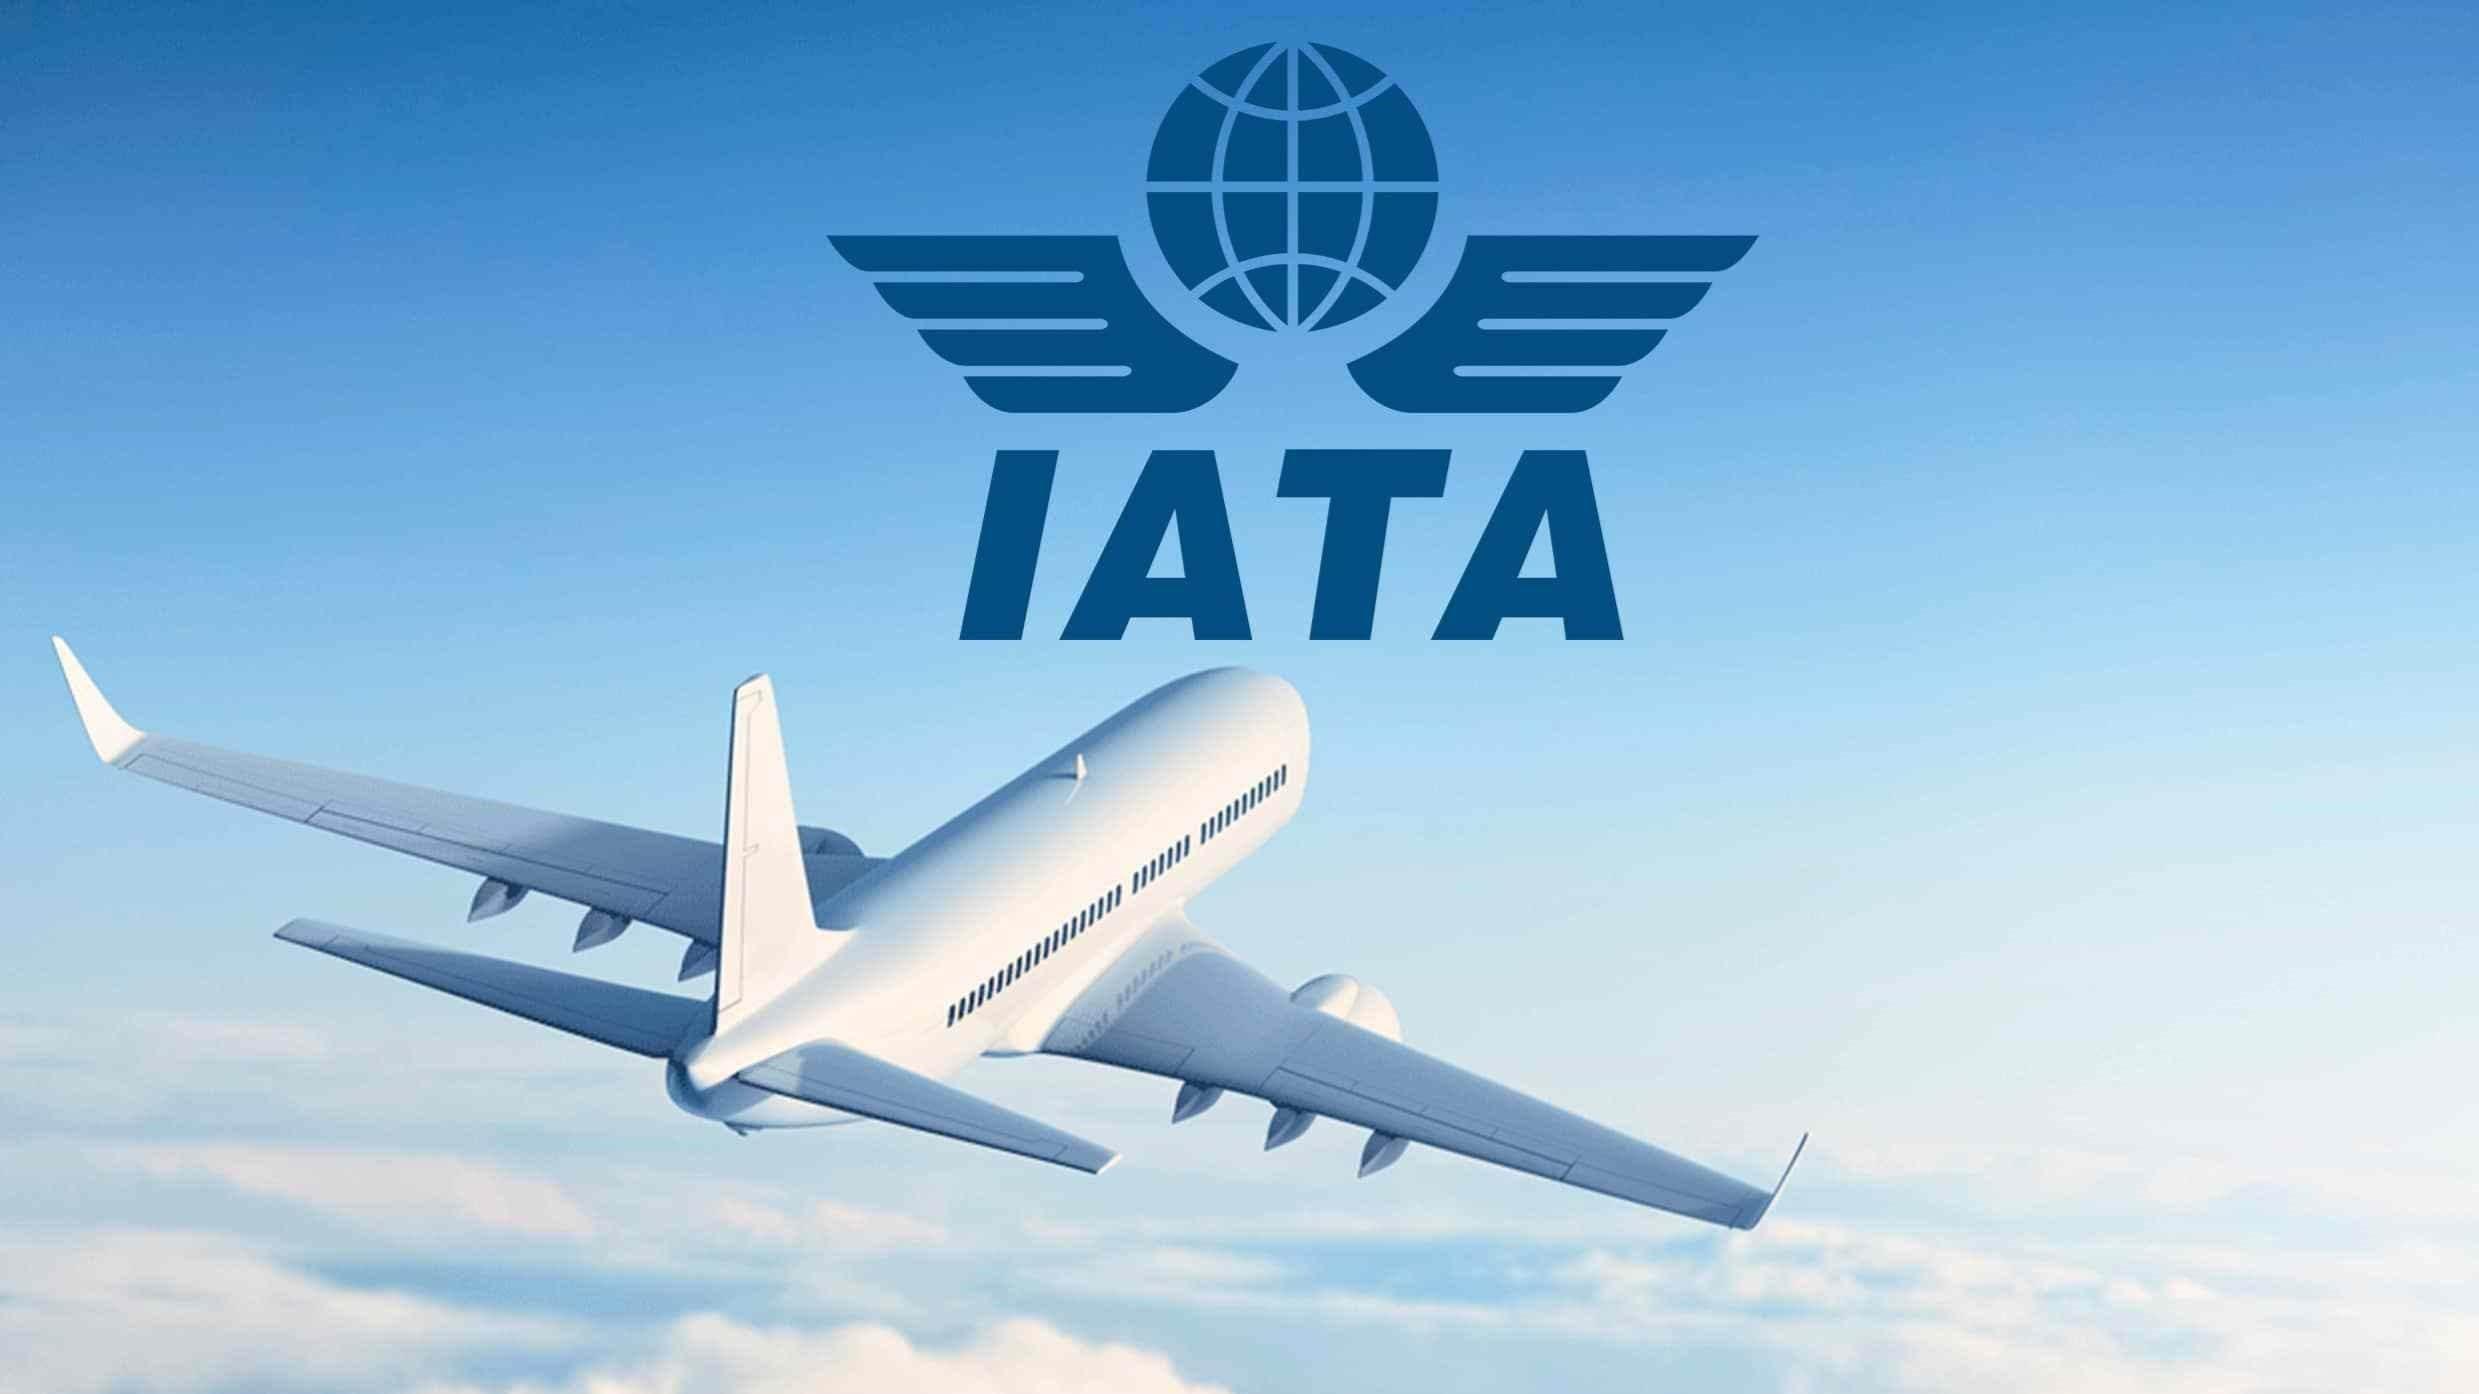 اتحاد النقل الجوي الدولي: لن تعود الرحلات كما كانت حتى عام 2023